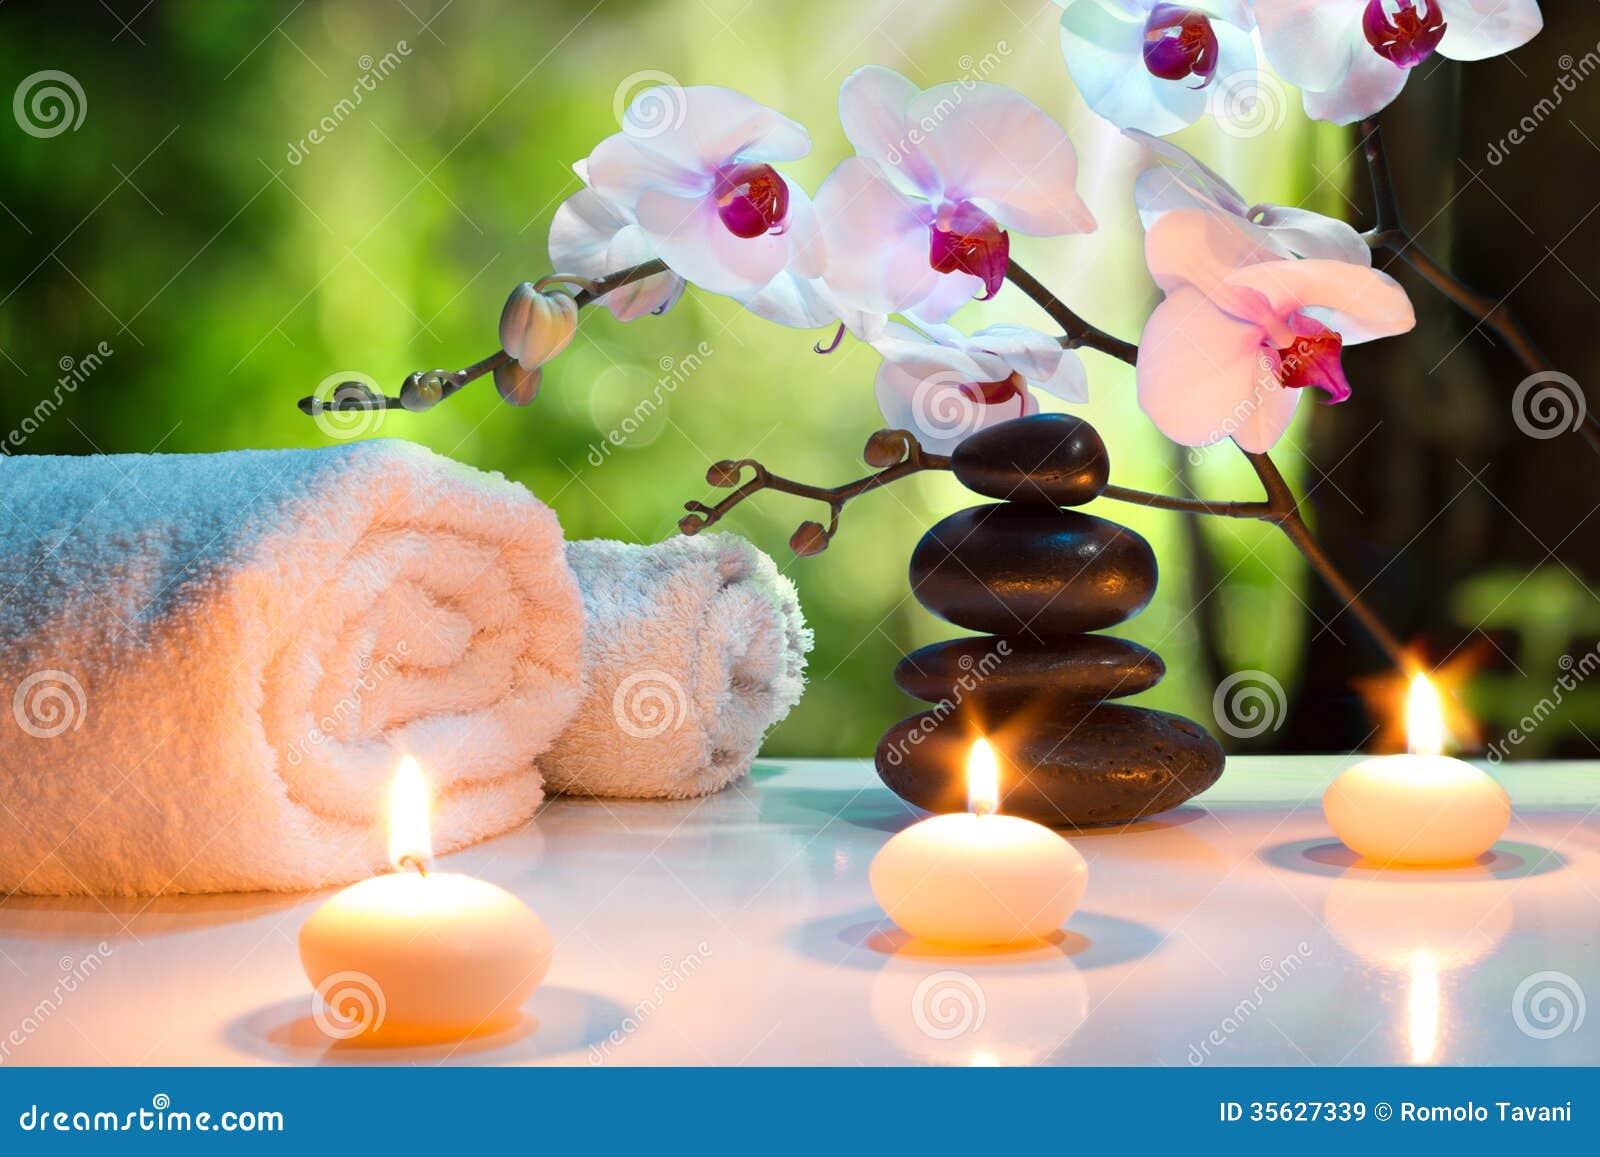 Dé masajes al balneario de la composición con las velas, las orquídeas y las piedras negras en jardín